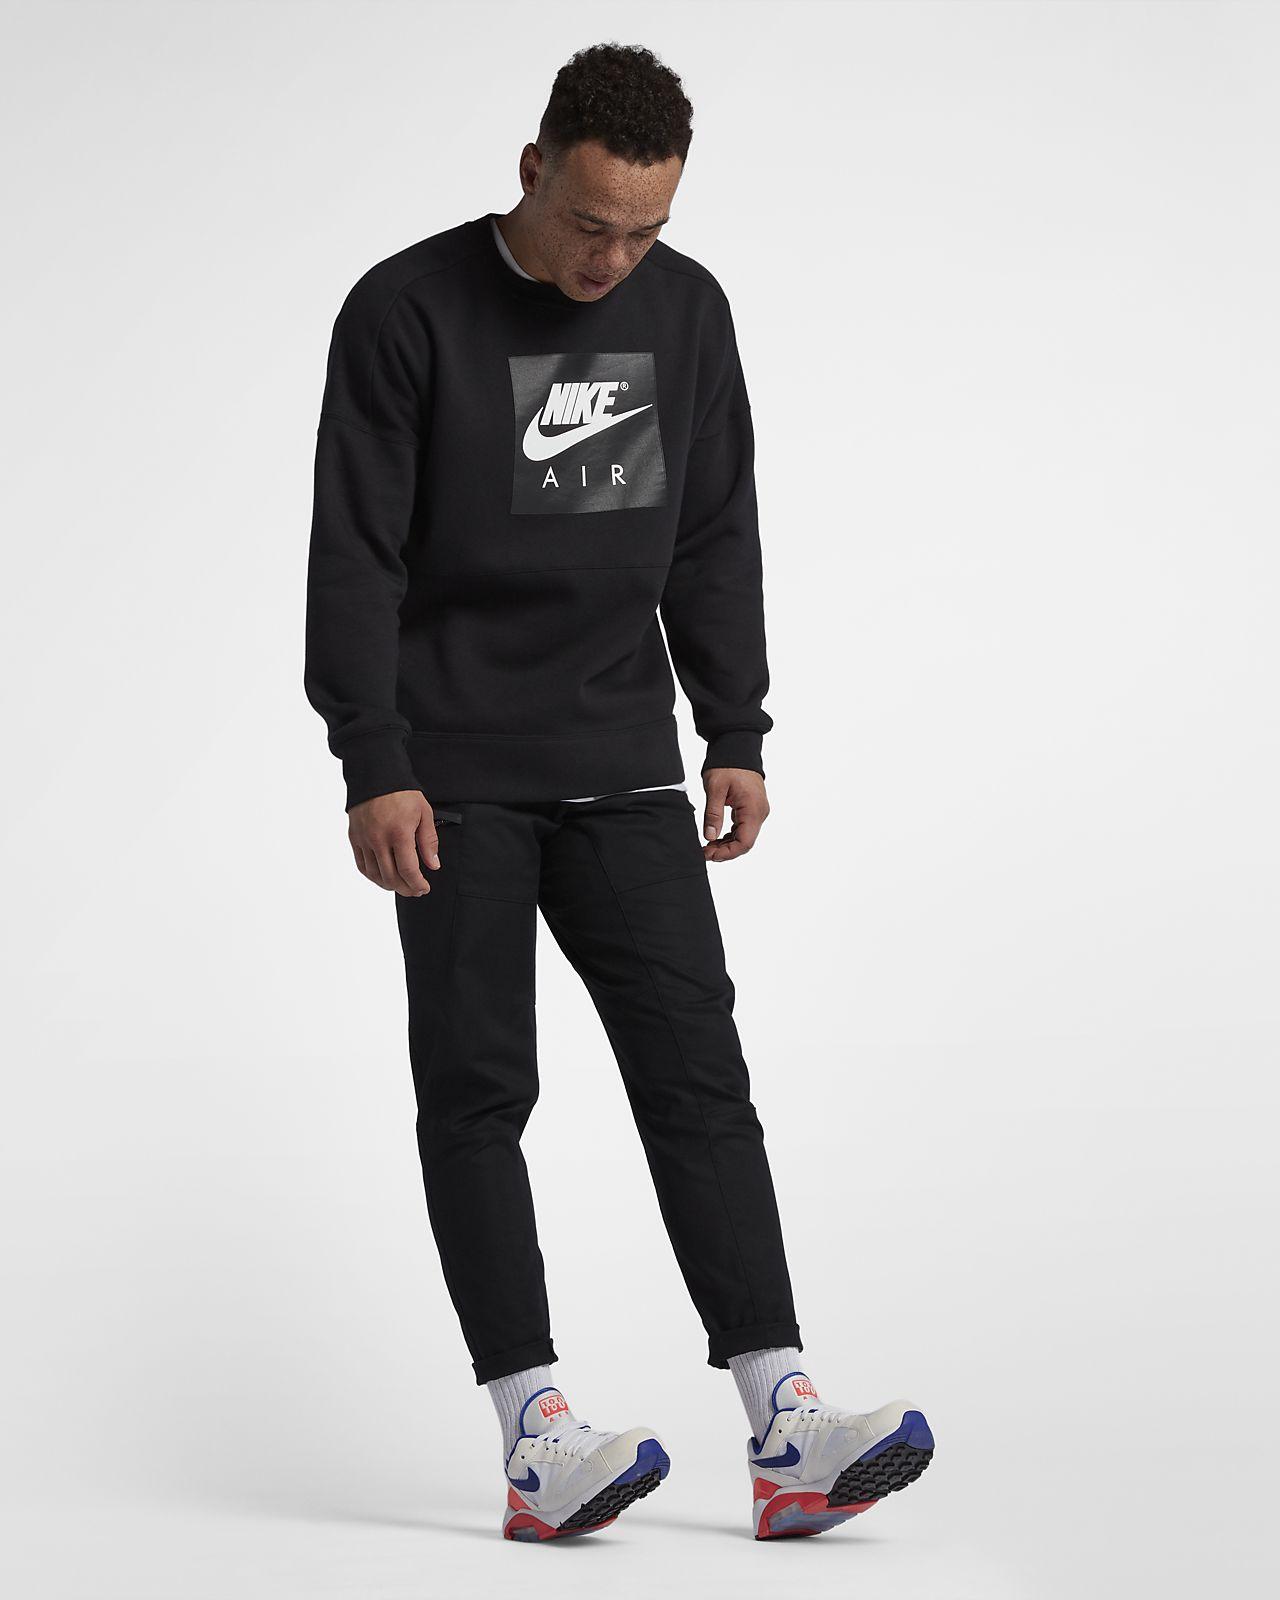 Nike Air Max Shorts Fashion Woman